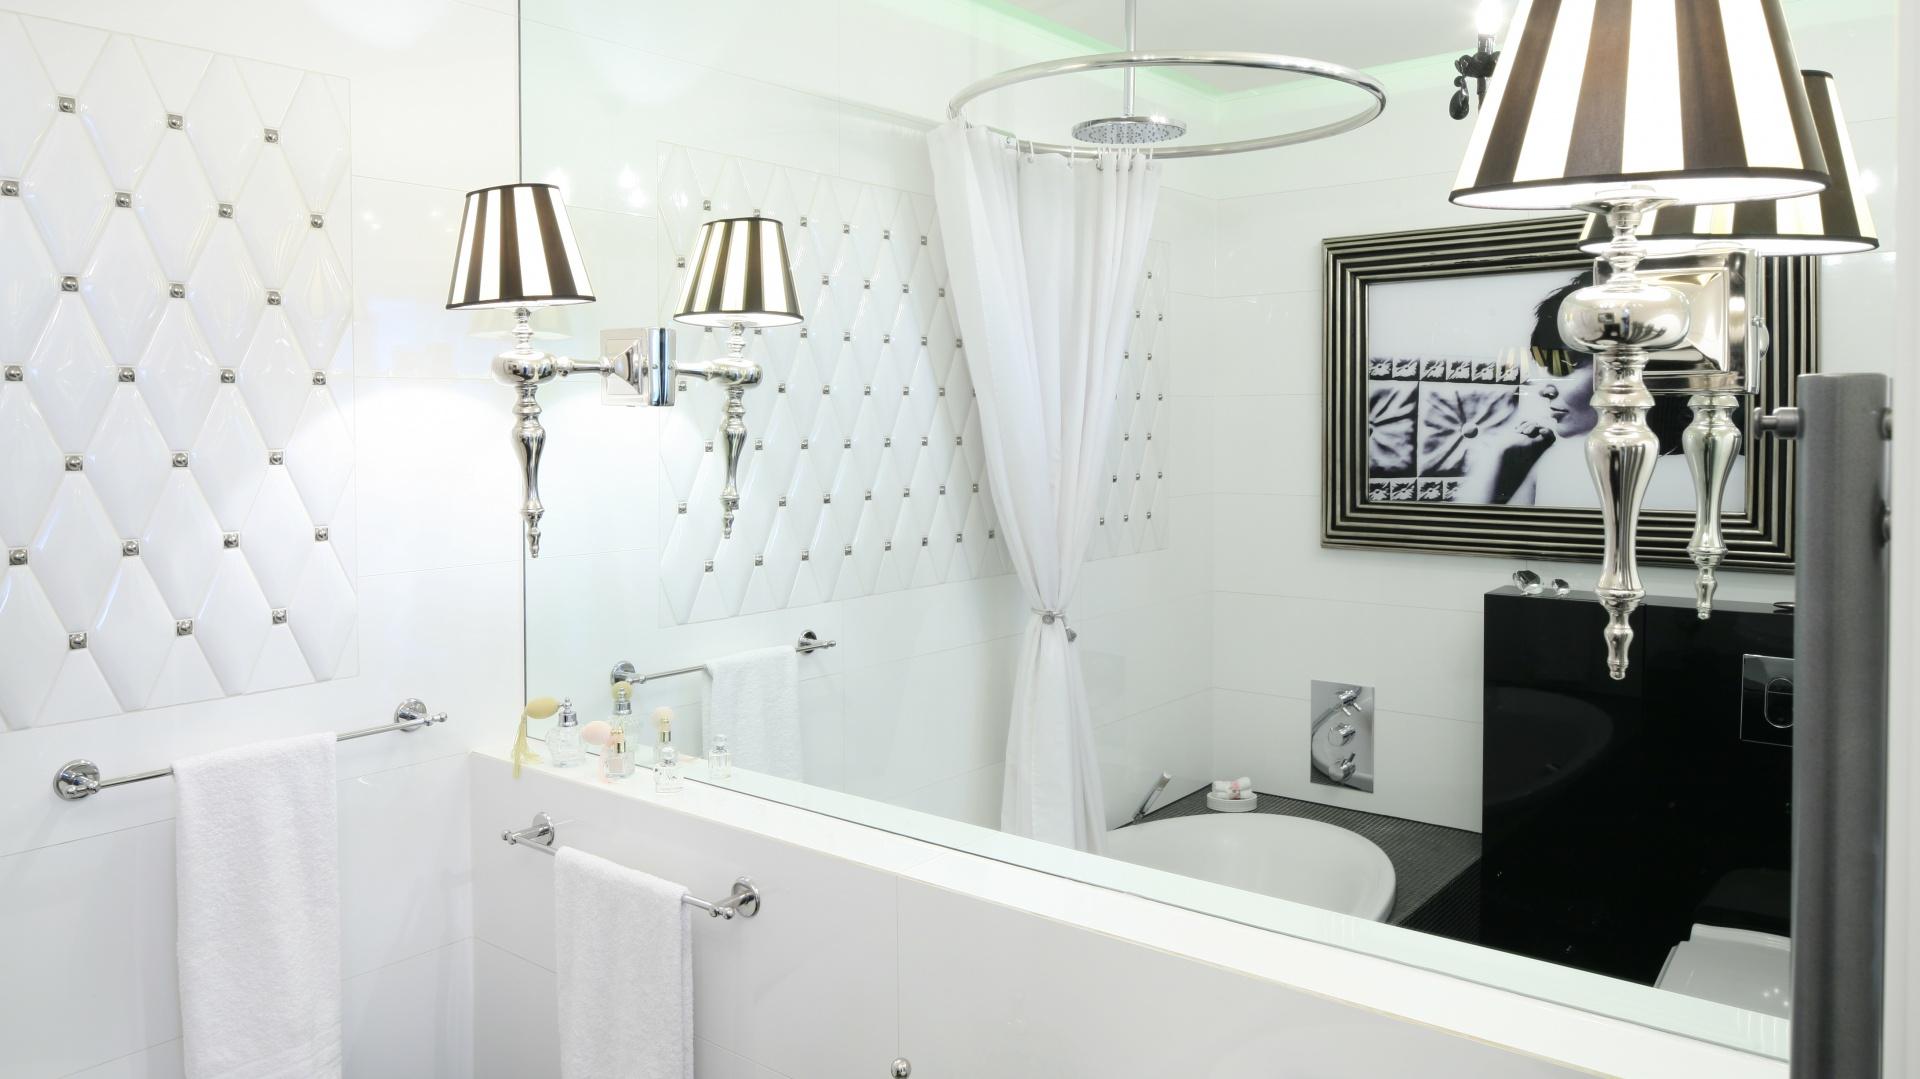 Tafla lustra została zamocowana na ścianie nad umywalką. Odbija się w niej zdjęcie w stylowej ramie umieszczone naprzeciw, do daje ciekawy efekt dekoracyjny. Projekt: Małgorzata Galewska. Fot. Bartosz Jarosz.